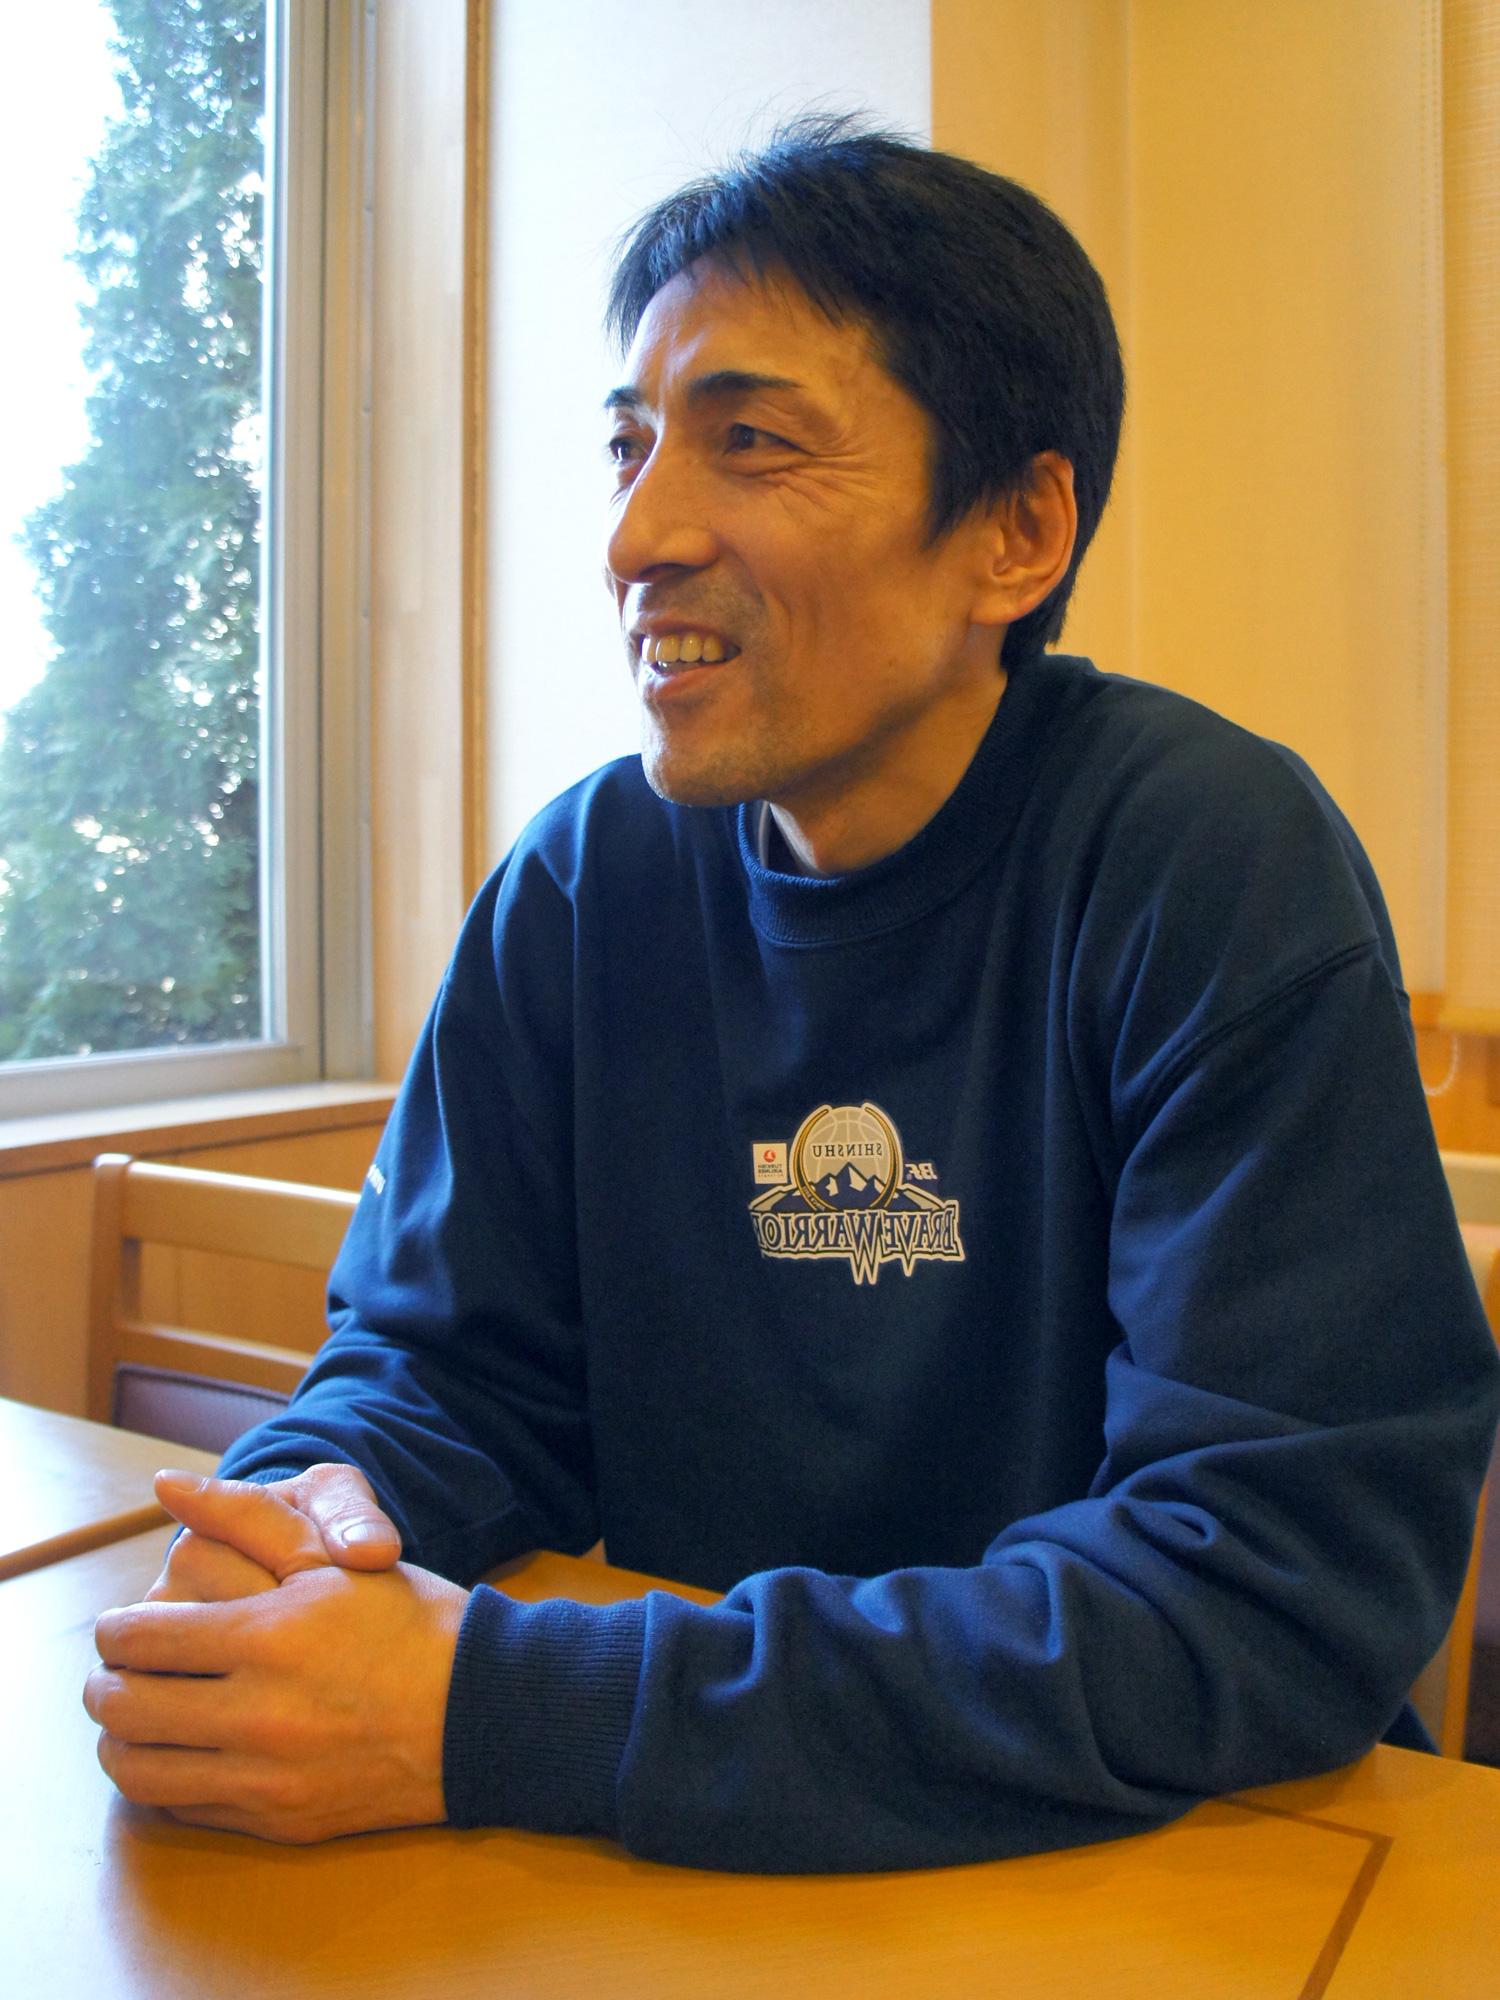 東京羽田ヴィッキーズ ヘッドコーチ棟方公寿さん